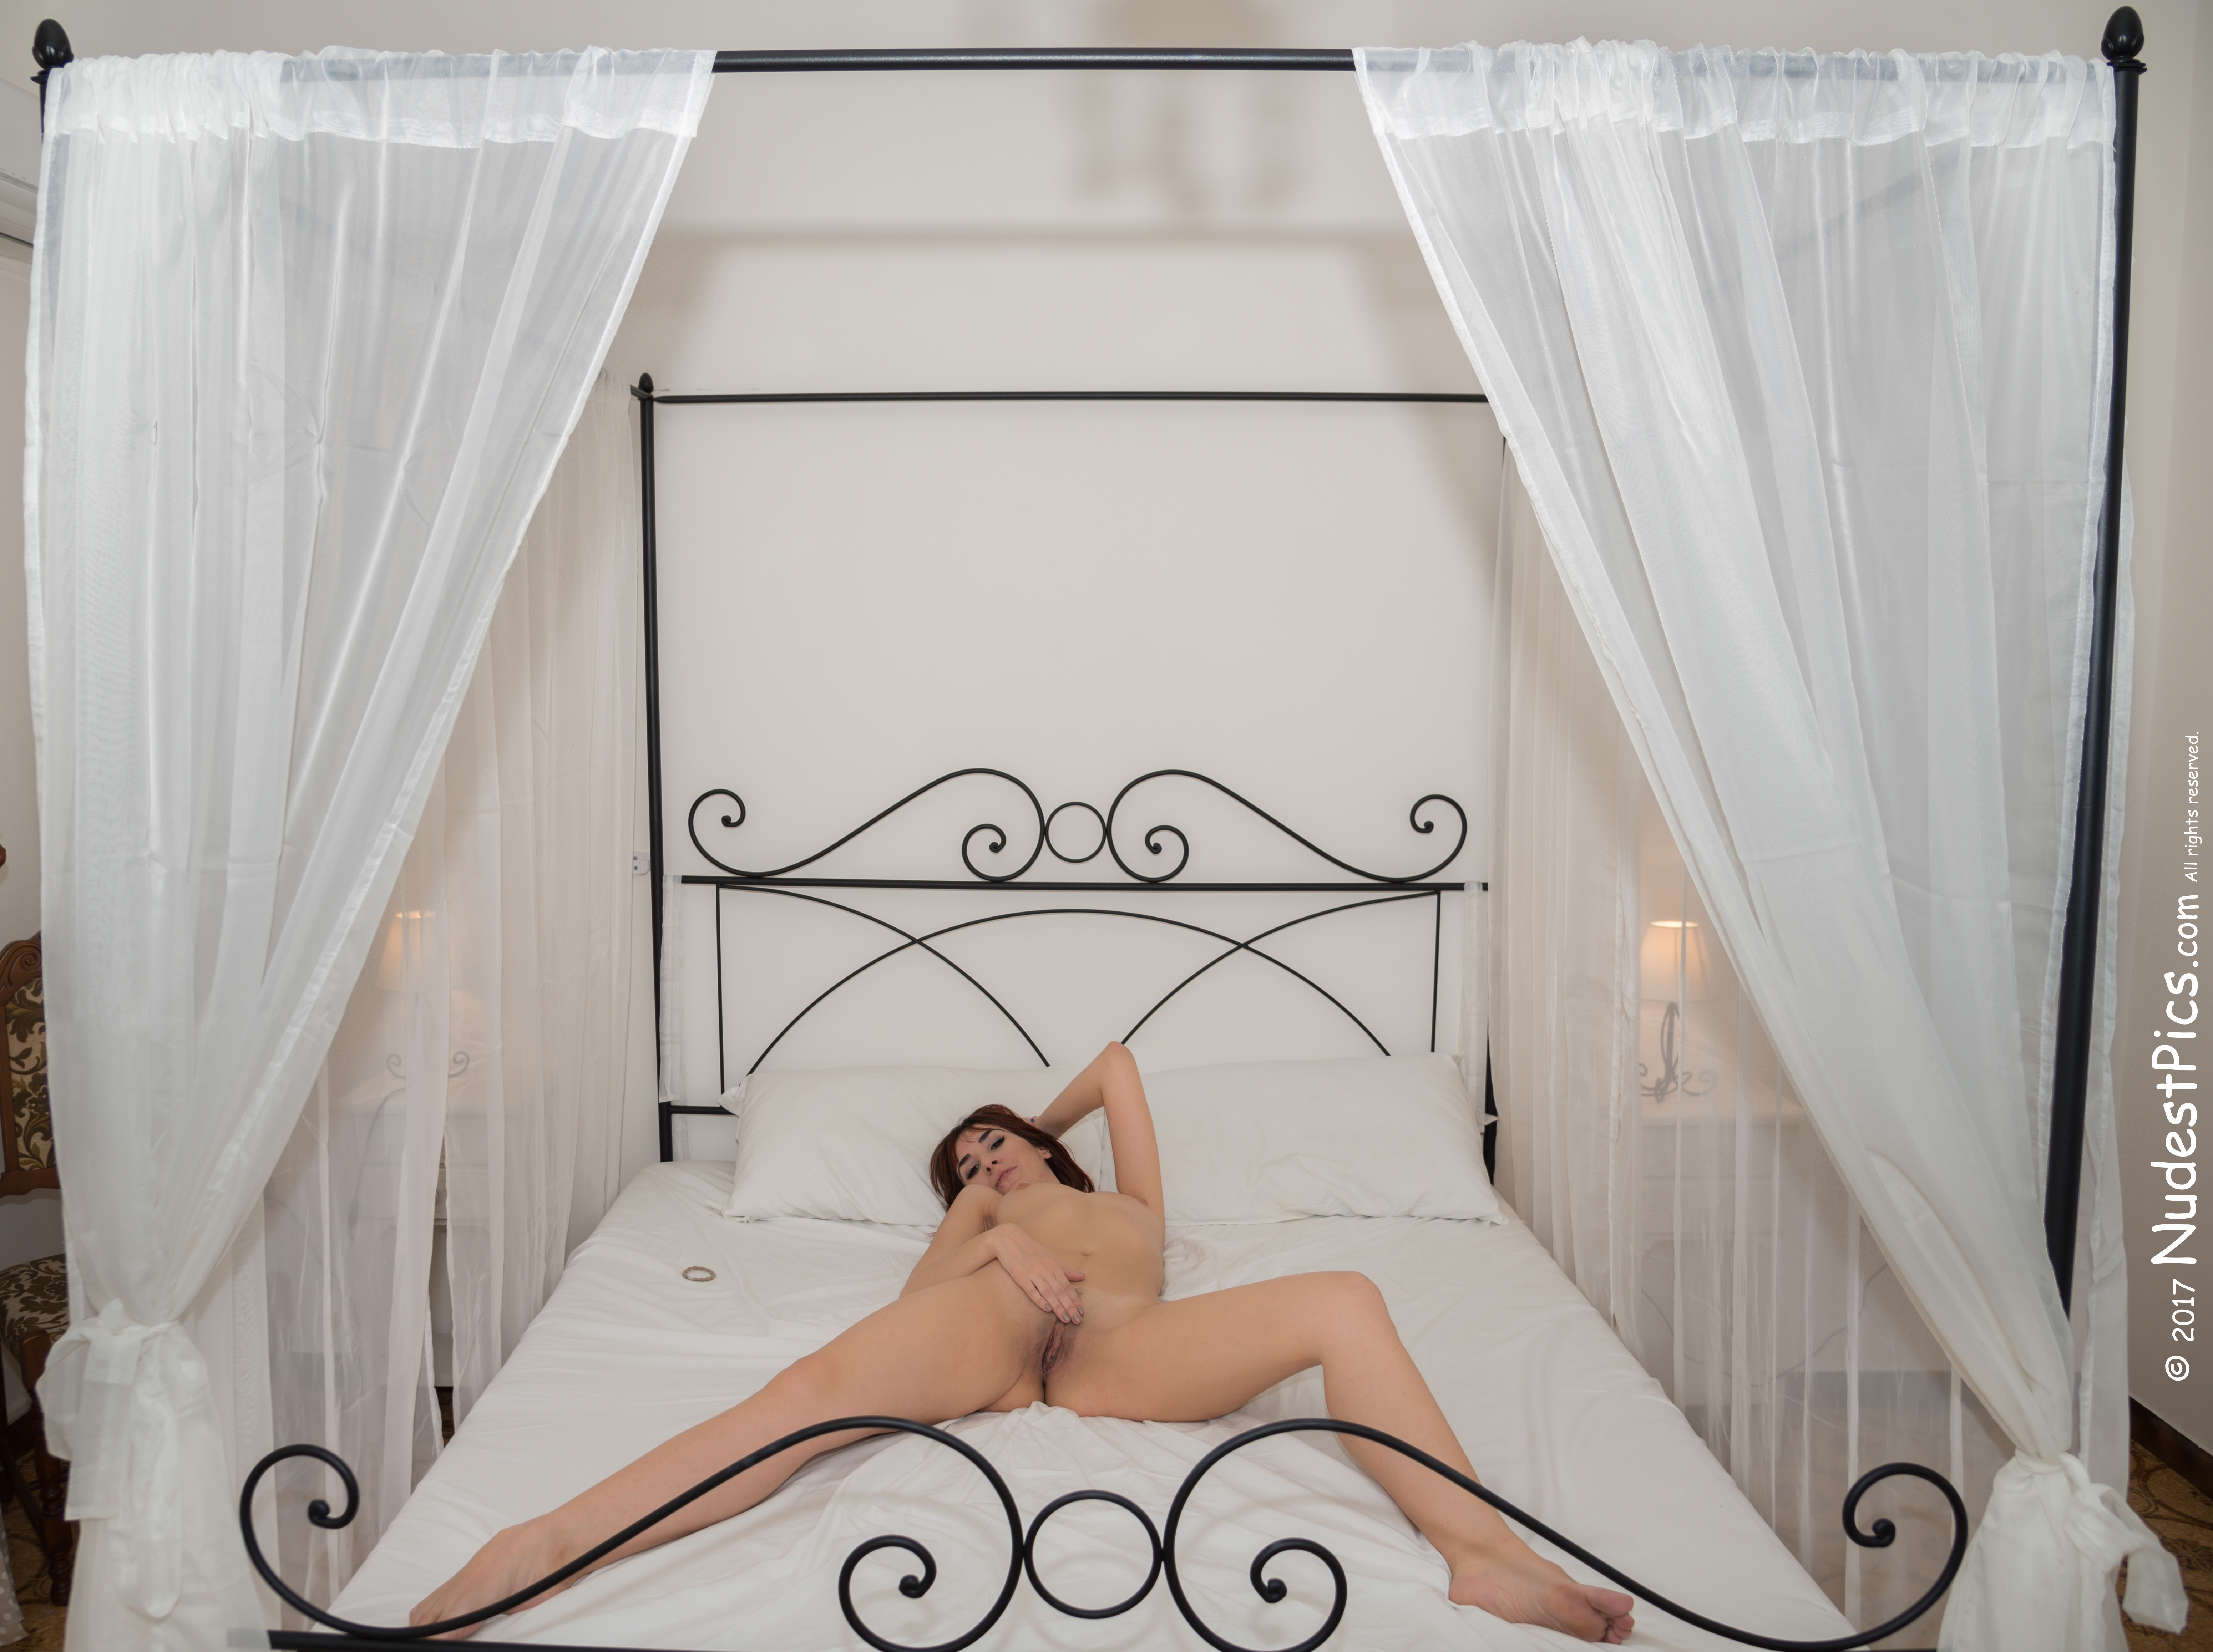 Legs Wide Open Nude Girl in Canopy Bed HD